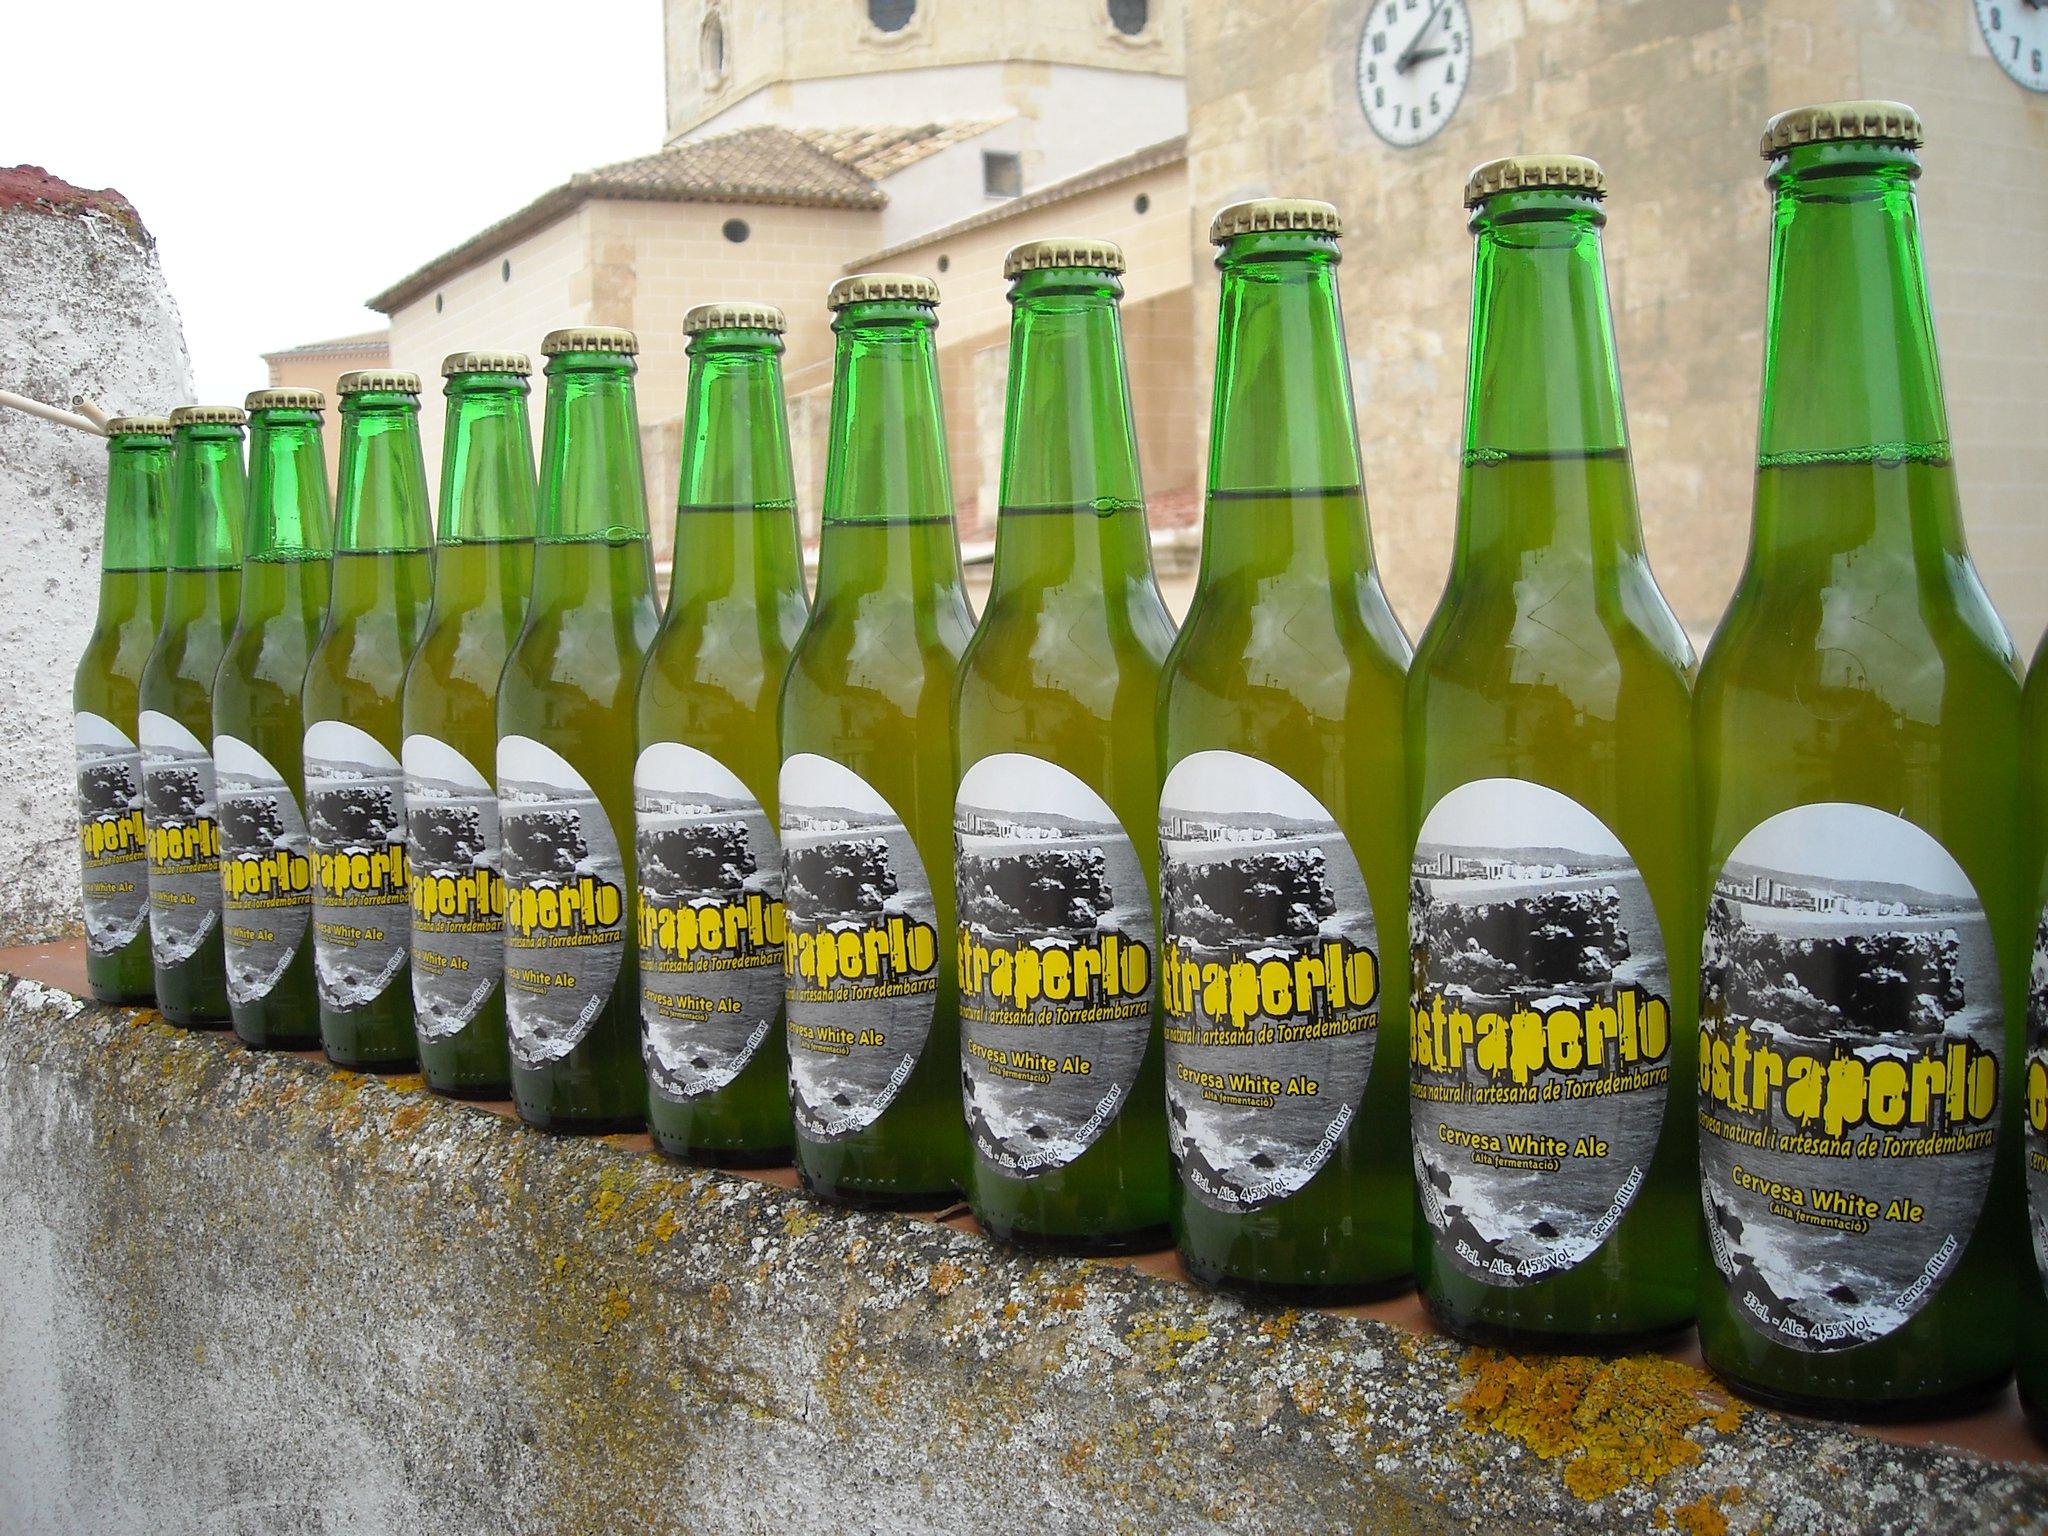 Una muestra de cerveza artesana de 5 días non-stop en el Vendrell